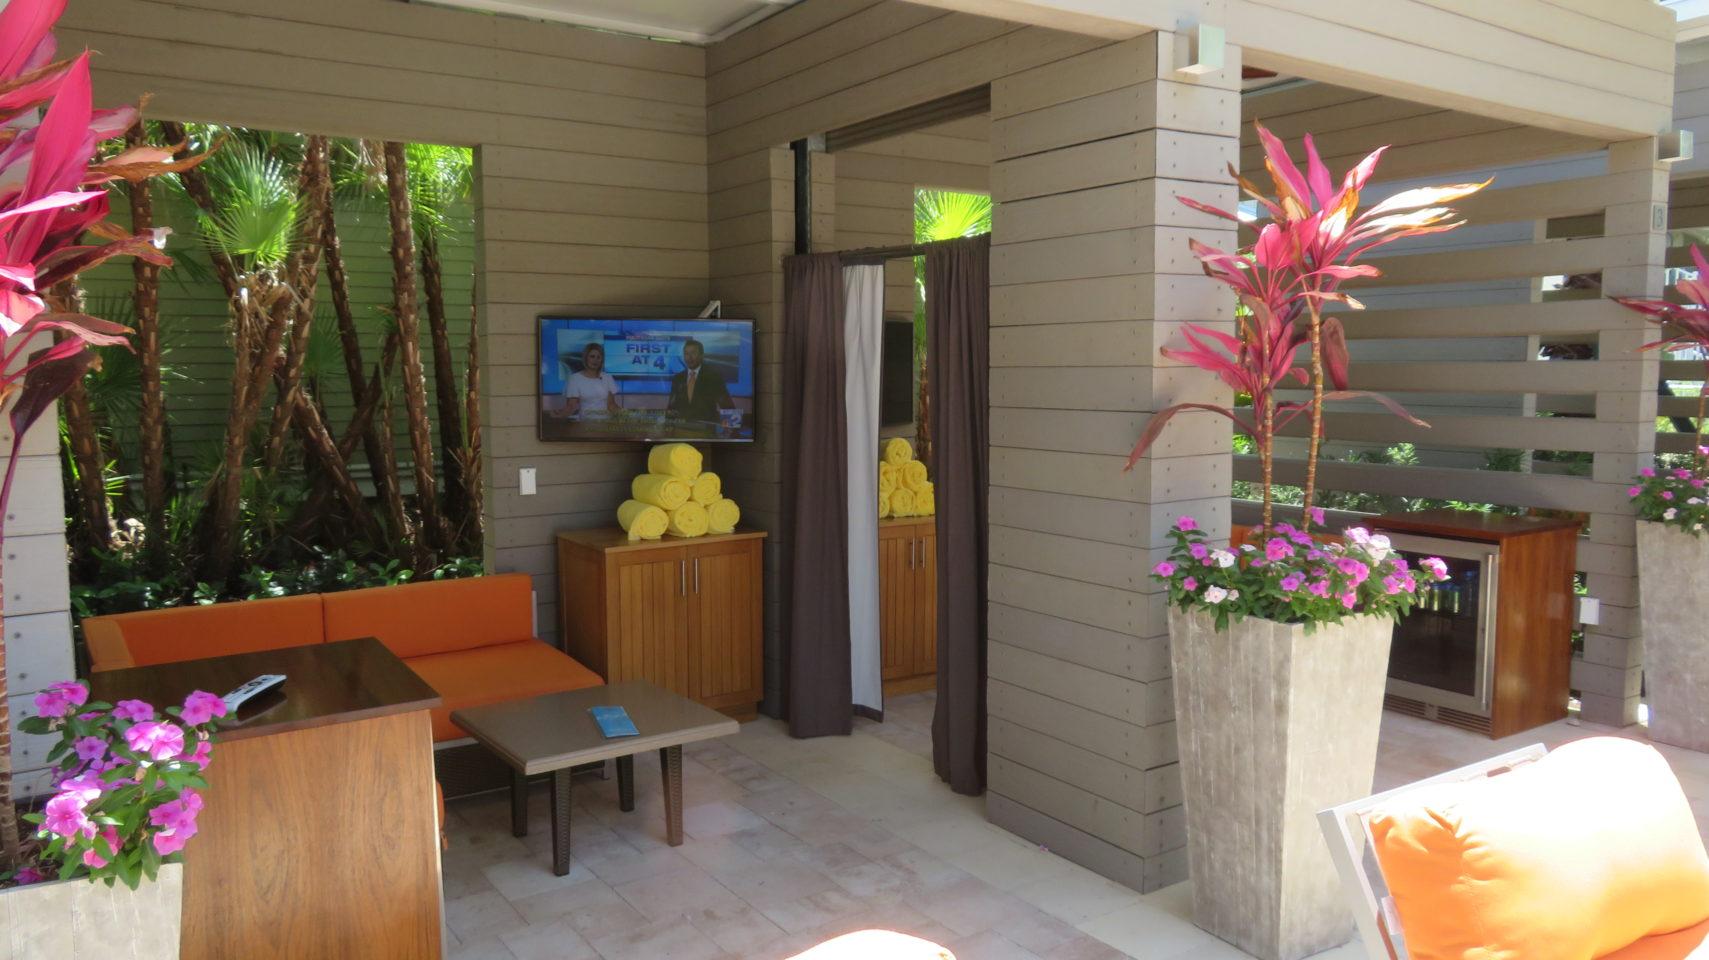 Pool-side cabana at the Hyatt Regency Coconut Point ~ Gem of a Florida Resort